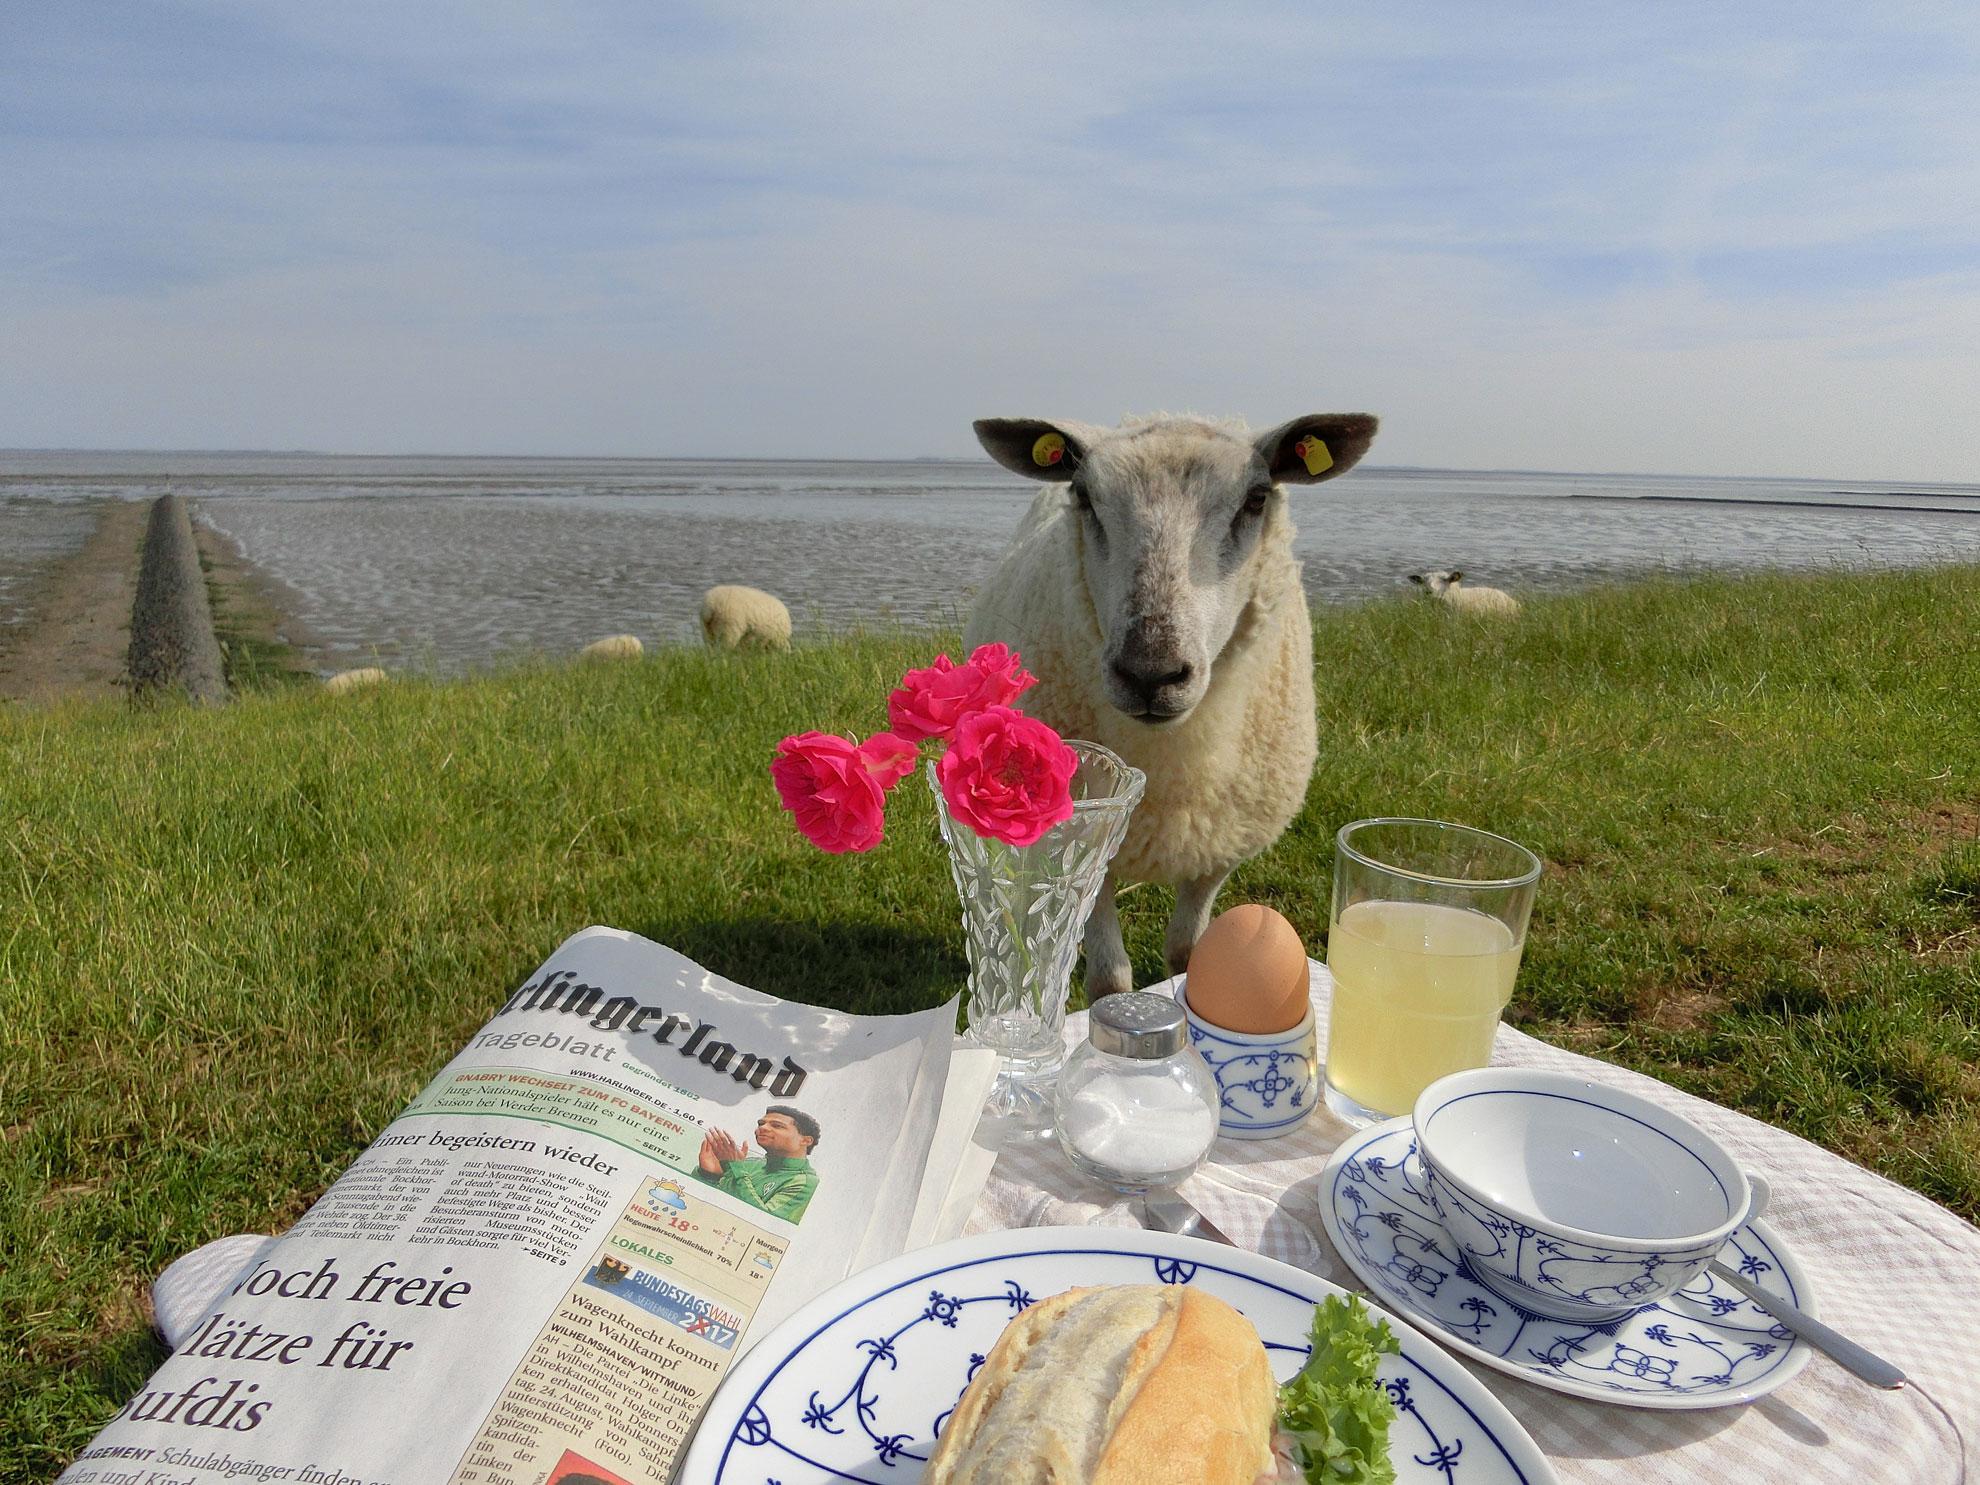 10 Jahre UNESCO-Weltnaturerbe Wattenmeer